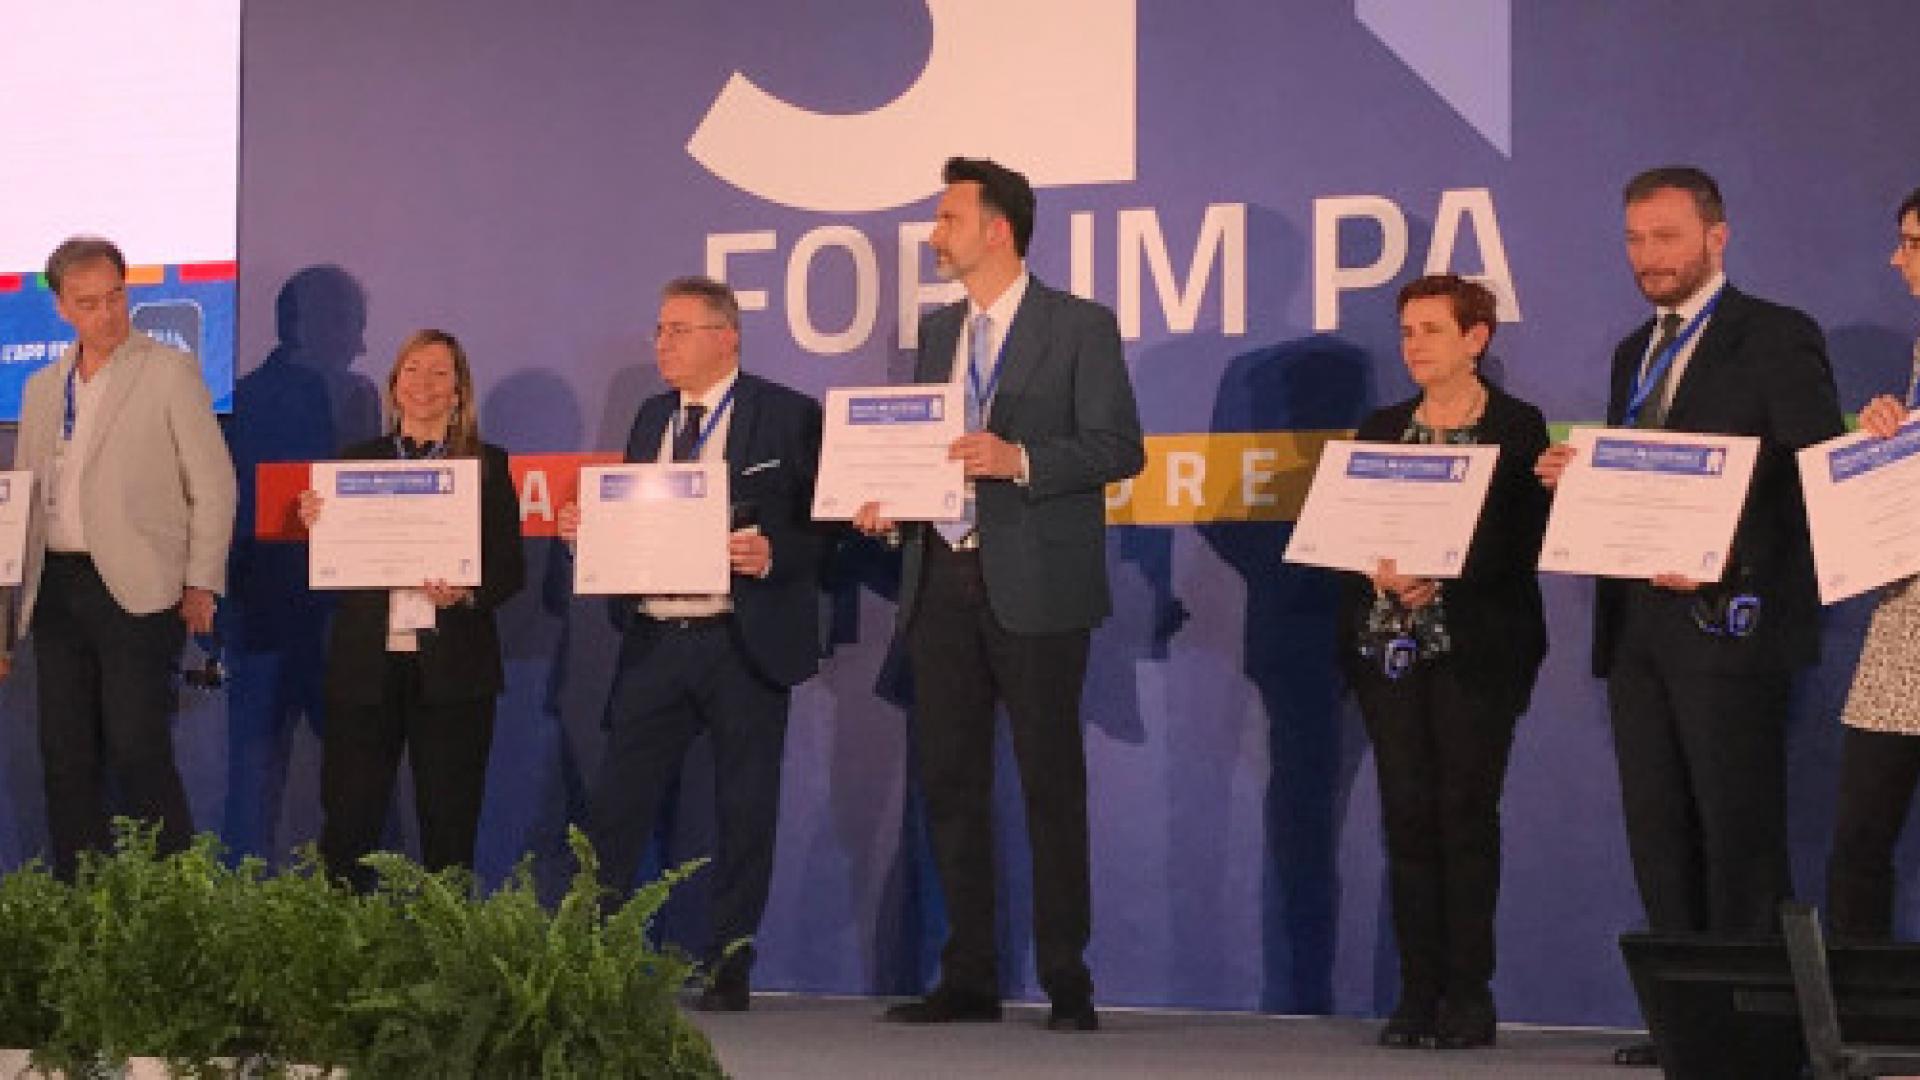 Bologna premiata al Forum PA per progetti innovativi su educazione e welfare digitale, foto di gruppo